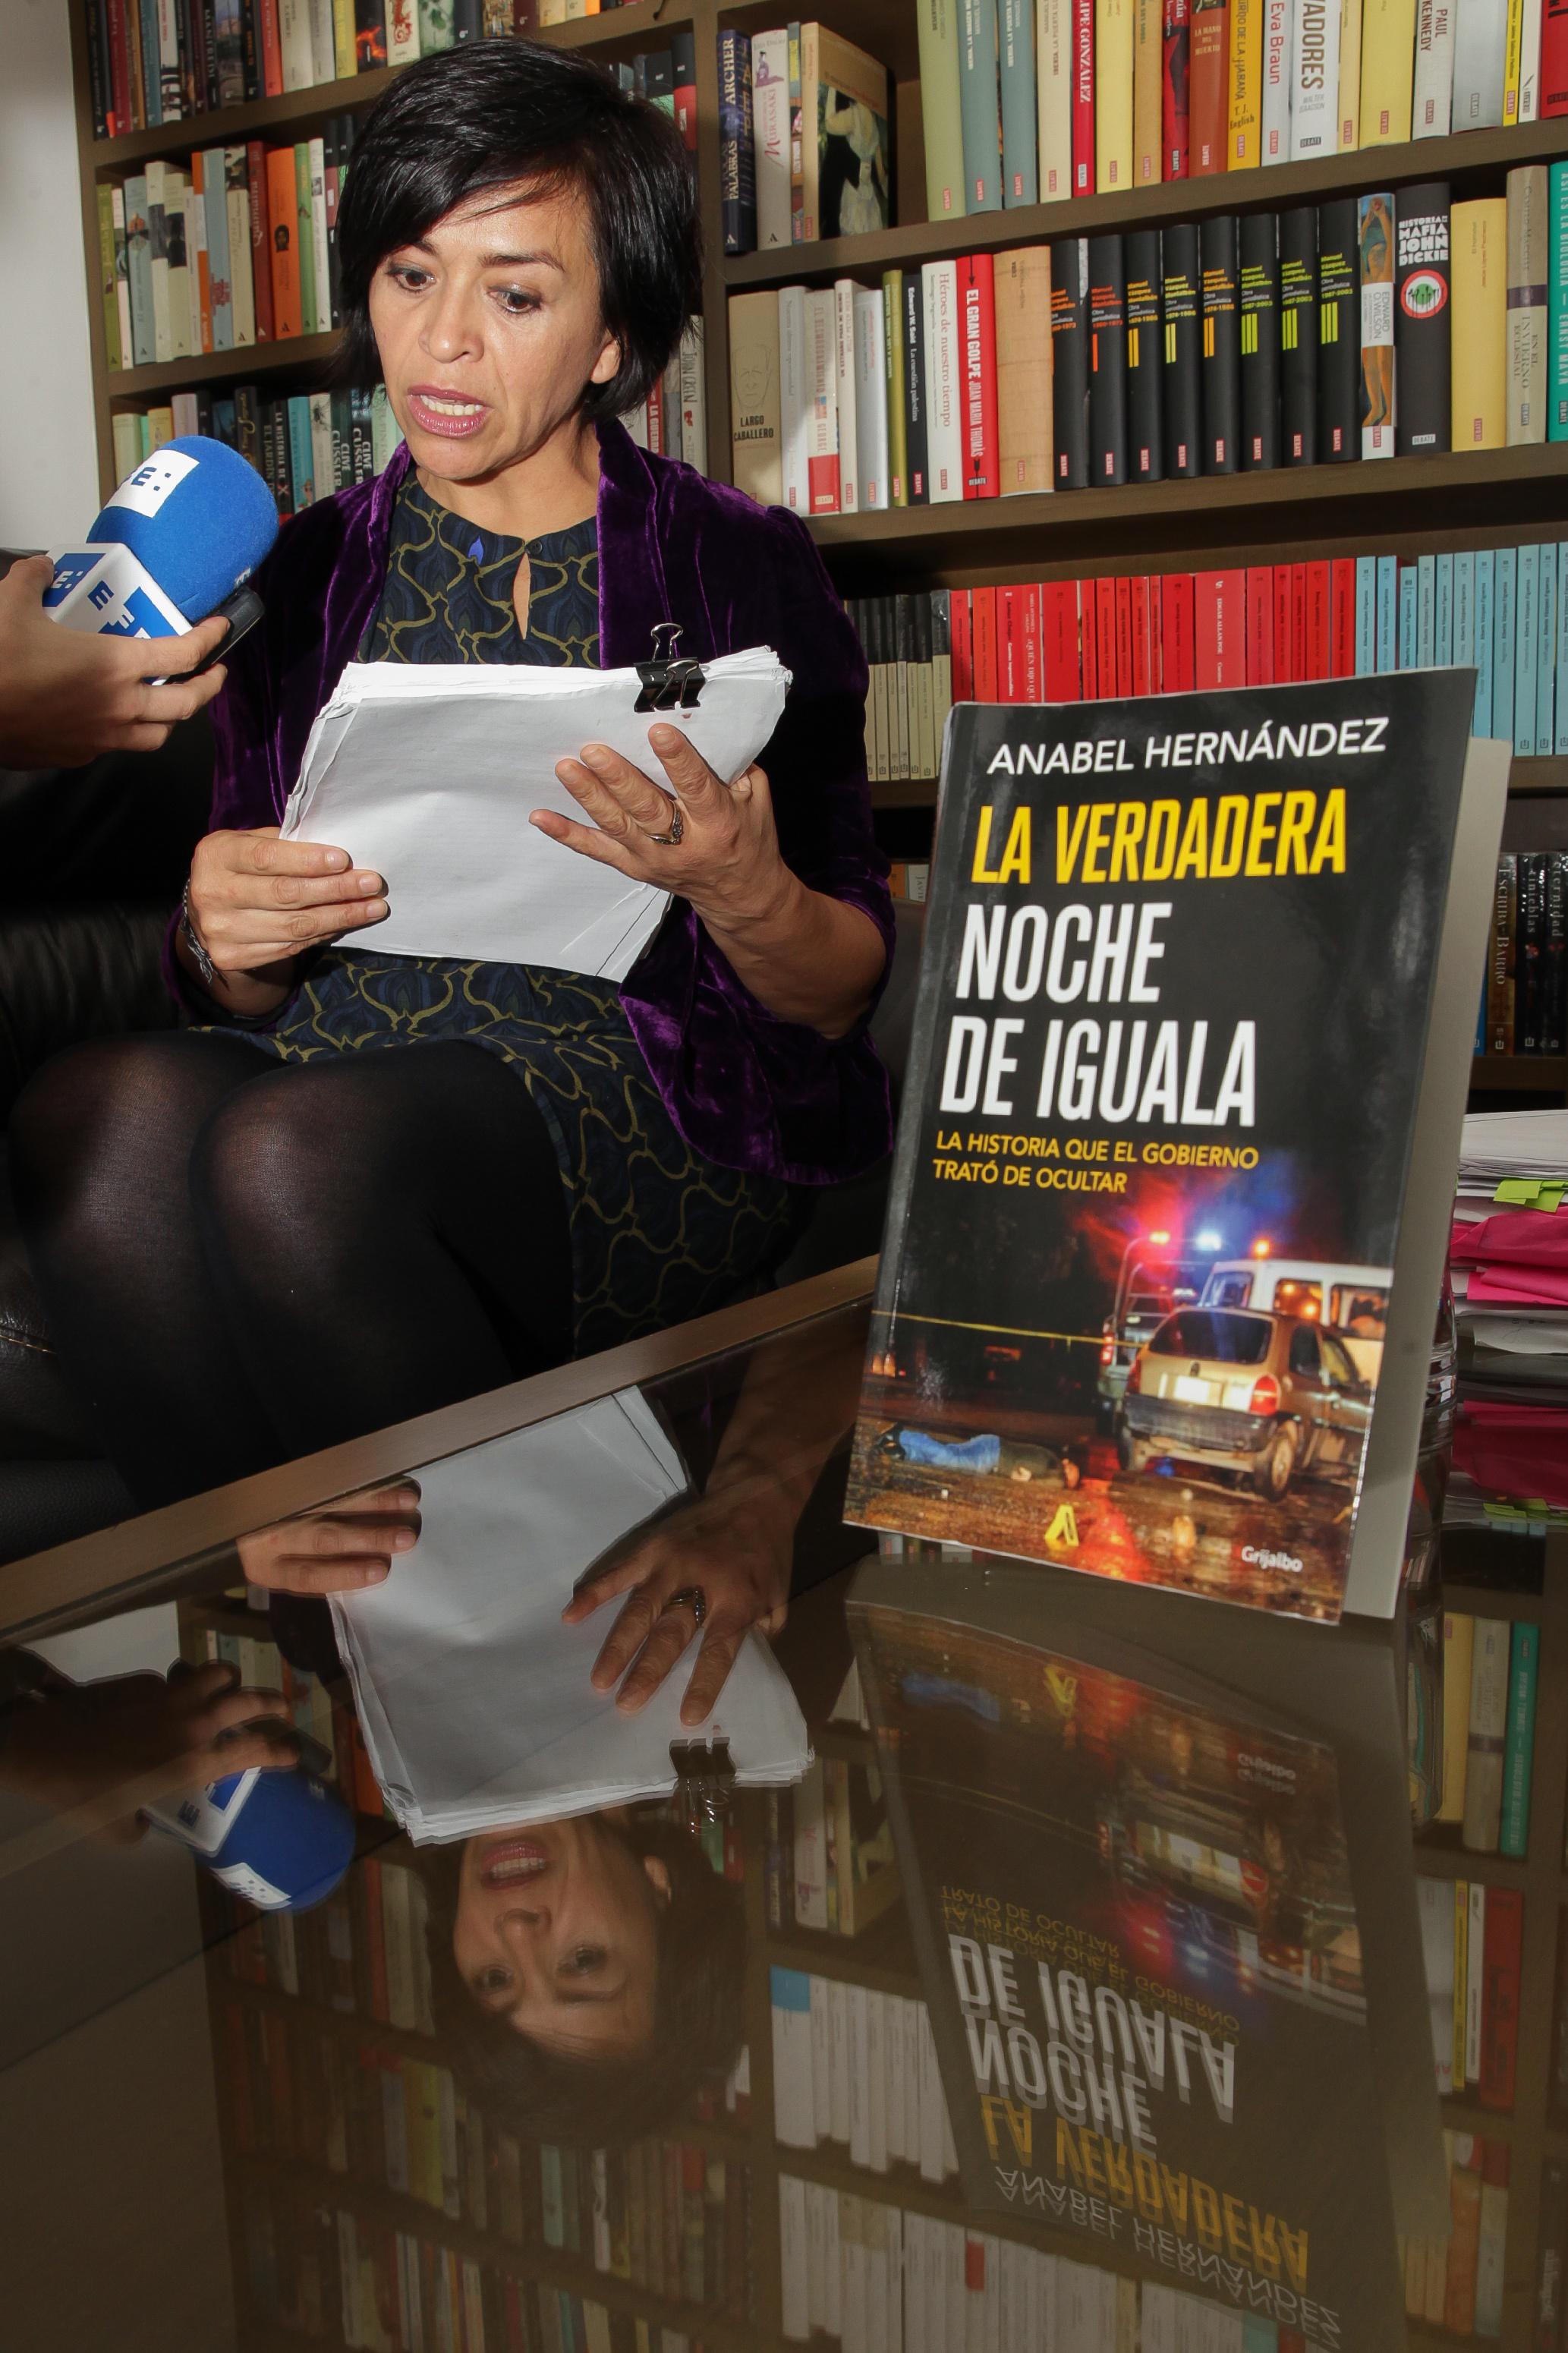 """MEX02. CIUDAD DE MÉXICO (MÉXICO), 16/12/2016.- La periodista Anabel Hernández, autora del libro """"La verdadera noche de Iguala"""", muestra unos documentos hoy, viernes 16 de diciembre de 2016, durante una entrevista con Efe en Ciudad de México (México), donde reveló que un informe de la Visitaduría General (Asuntos Internos) de la fiscalía mexicana relaciona a la propia institución con la tragedia de los 43 estudiantes de Ayotzinapa, y apunta que militares, marinos y policías torturaron para obtener una confesión. La periodista, quien tuvo acceso a los dos informes elaborados por el visitador César Alejandro Chávez Flores, quien renunció en septiembre pasado, destacó que ambos documentos prueban, desde dentro de la propia Procuraduría General de la República (PGR, fiscalía), que el caso está plagado de irregularidades. EFE/Alex Cruz"""